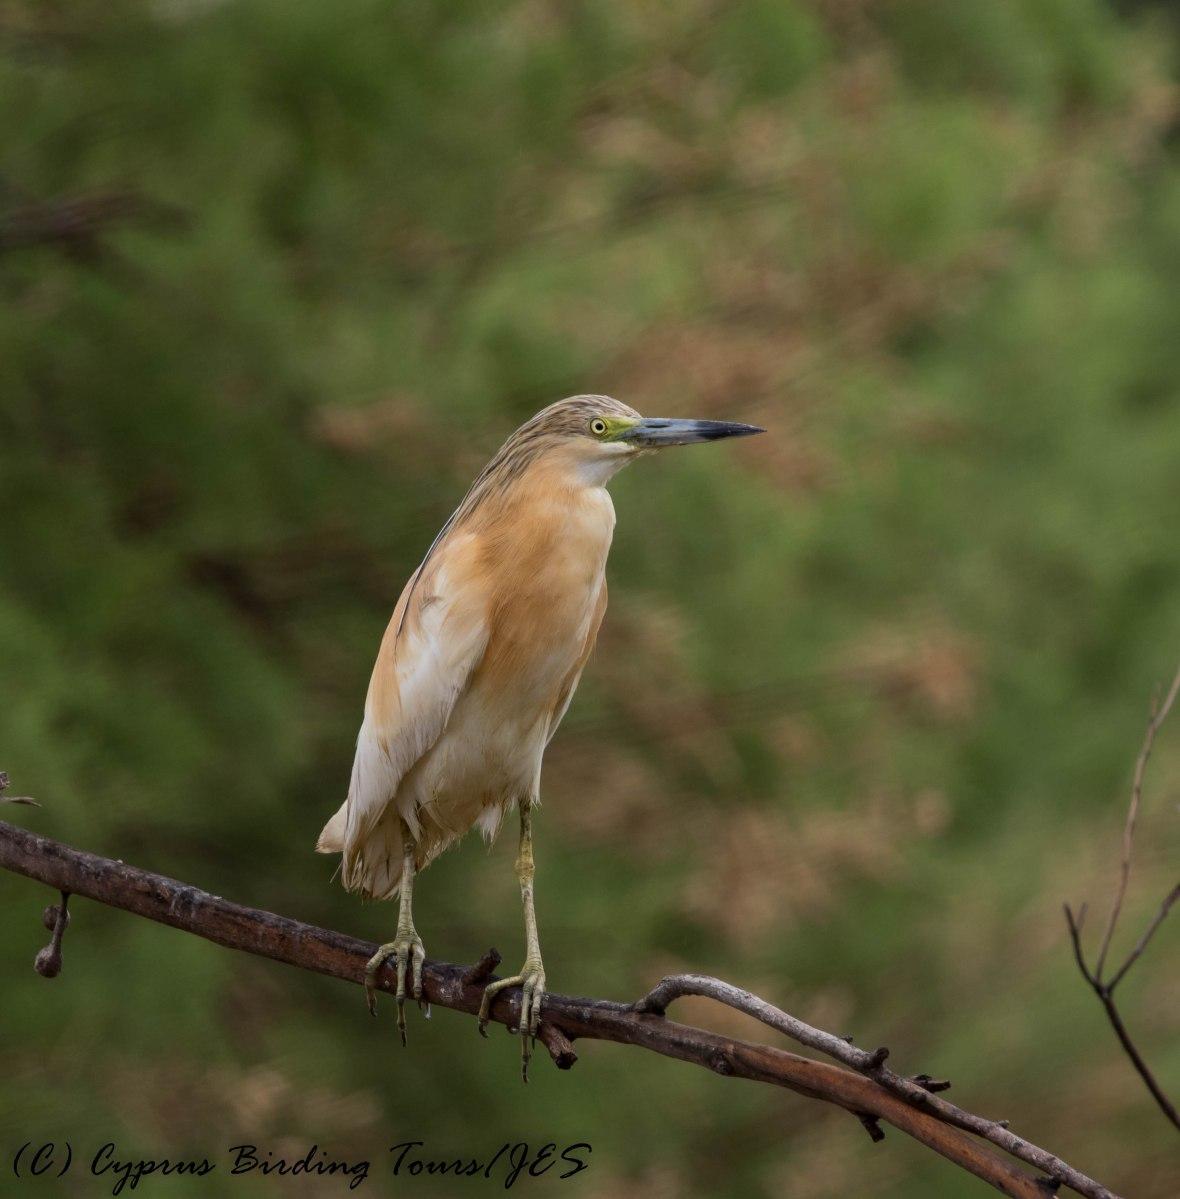 Squacco Heron, Larnaca Salt Lake 18th May 2017 (c) Cyprus Birding Tours